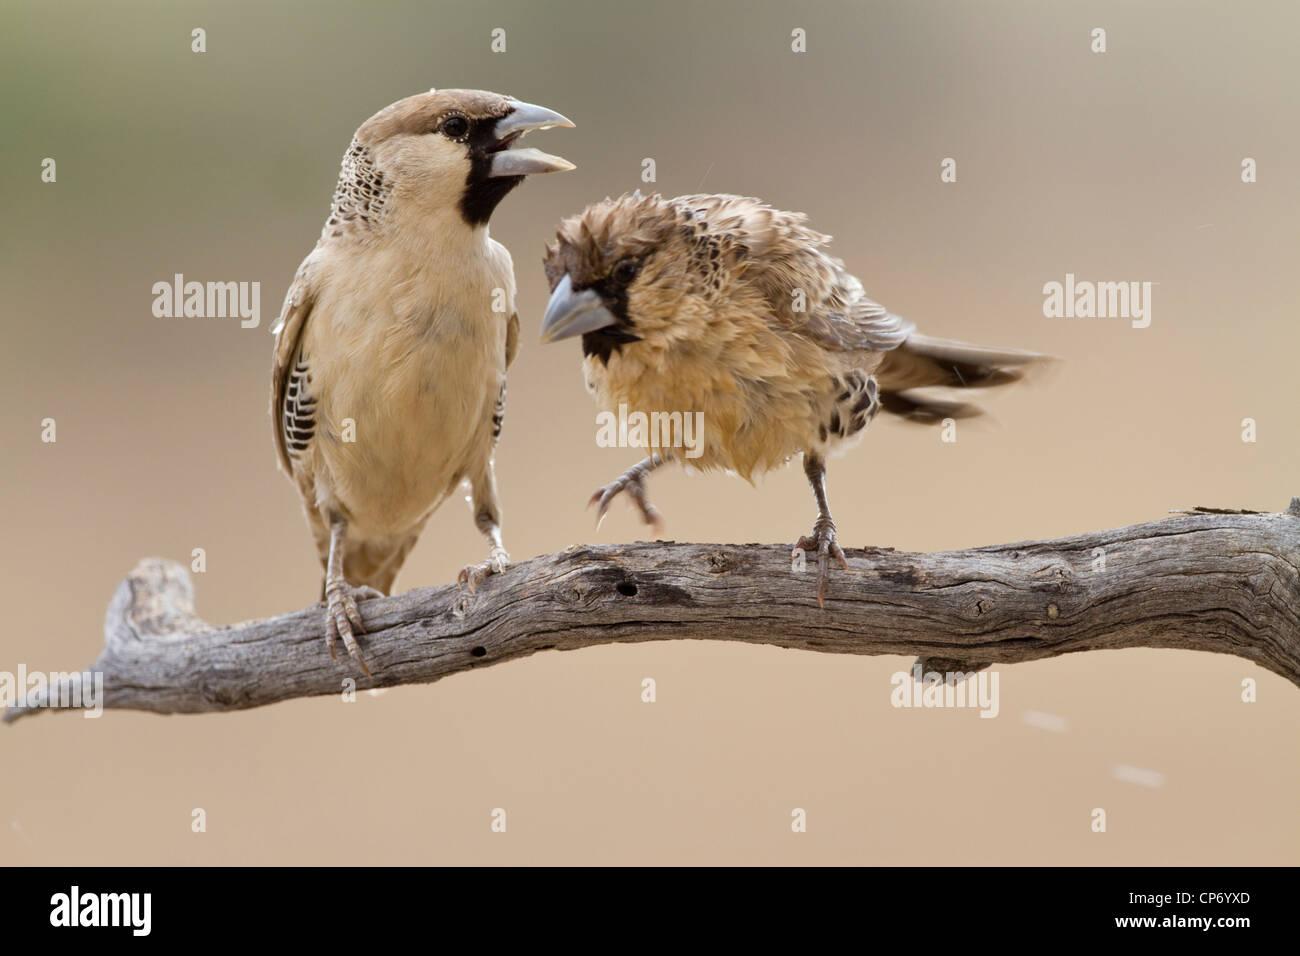 Deux sociable weaver oiseaux sur une branche l'un d'un birdbath frais humide Photo Stock